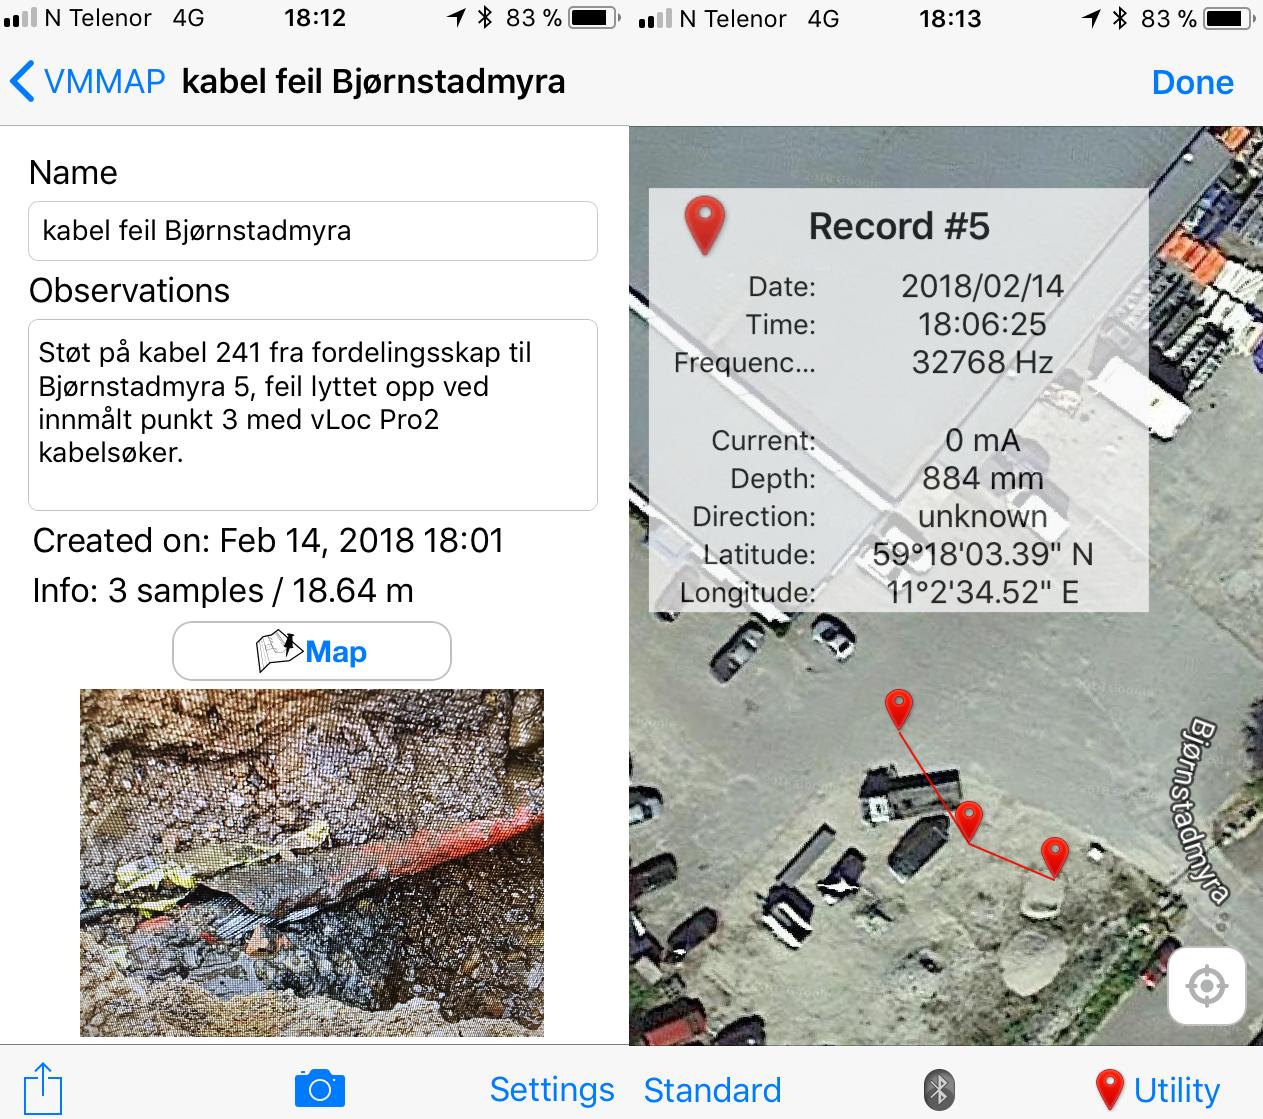 dating app bruker GPS CS går du ikke er koblet til matchmaking servere